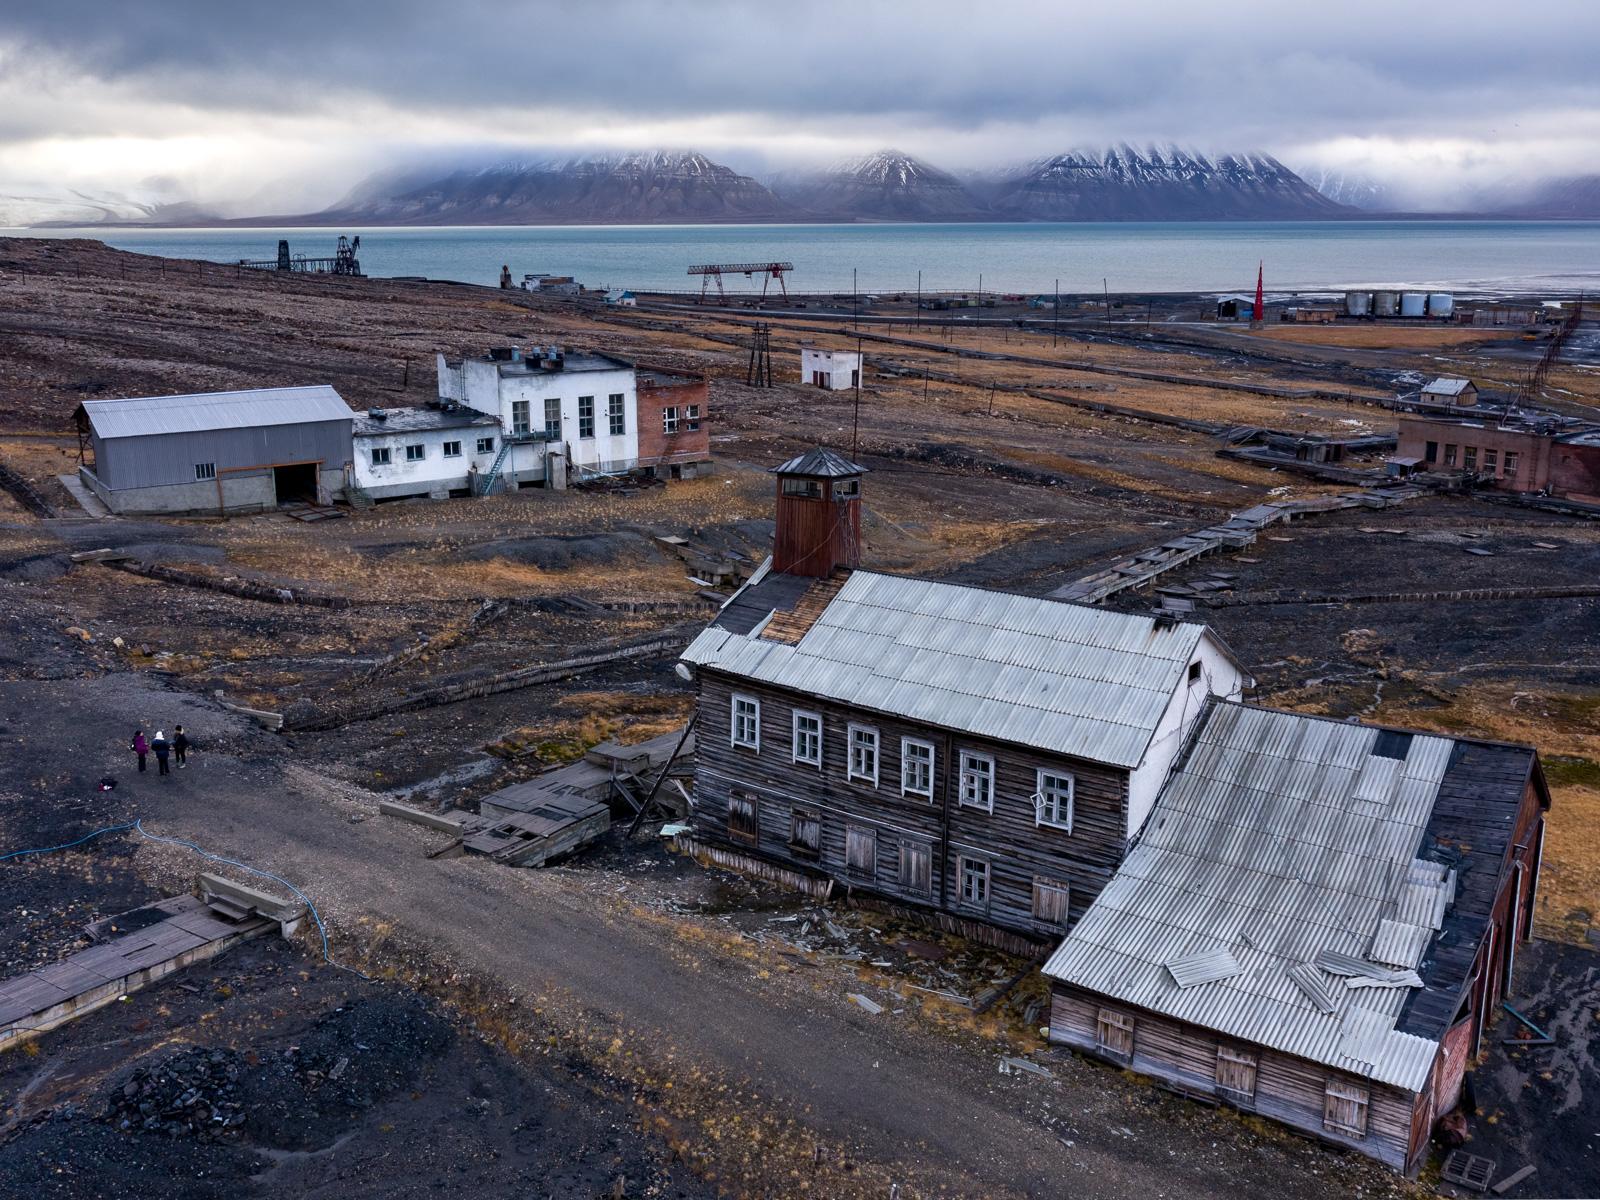 Svalbard_Spitsbergen_Pyramiden-22